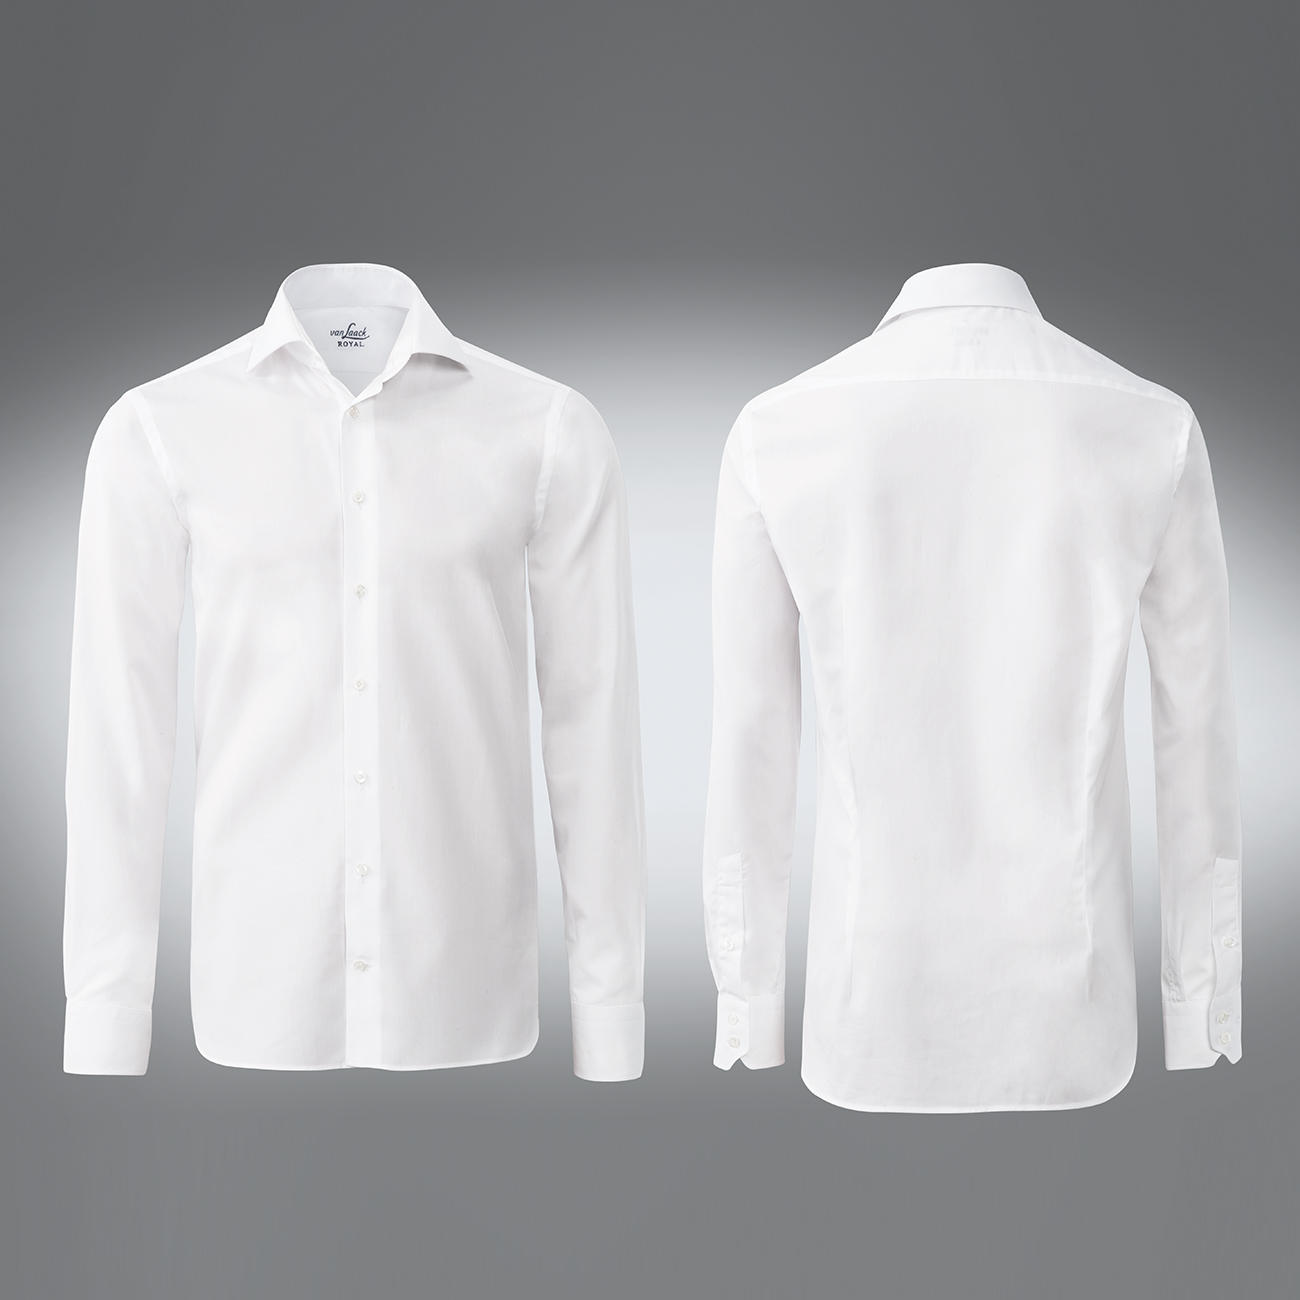 van laack premium hemd royal tailor fit entdecken. Black Bedroom Furniture Sets. Home Design Ideas